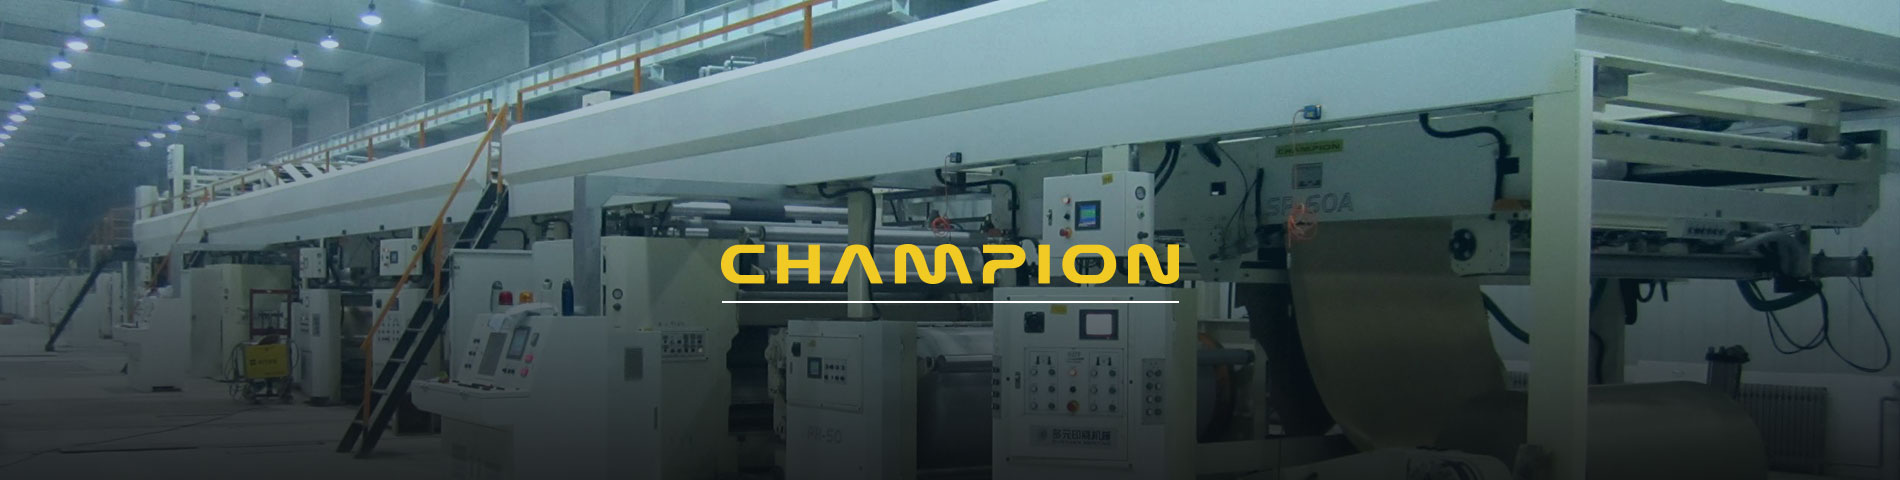 แชมป์ลูกฟูก เป็นกระดาษลูกฟูกมืออาชีพ ผู้ผลิตอุปกรณ์